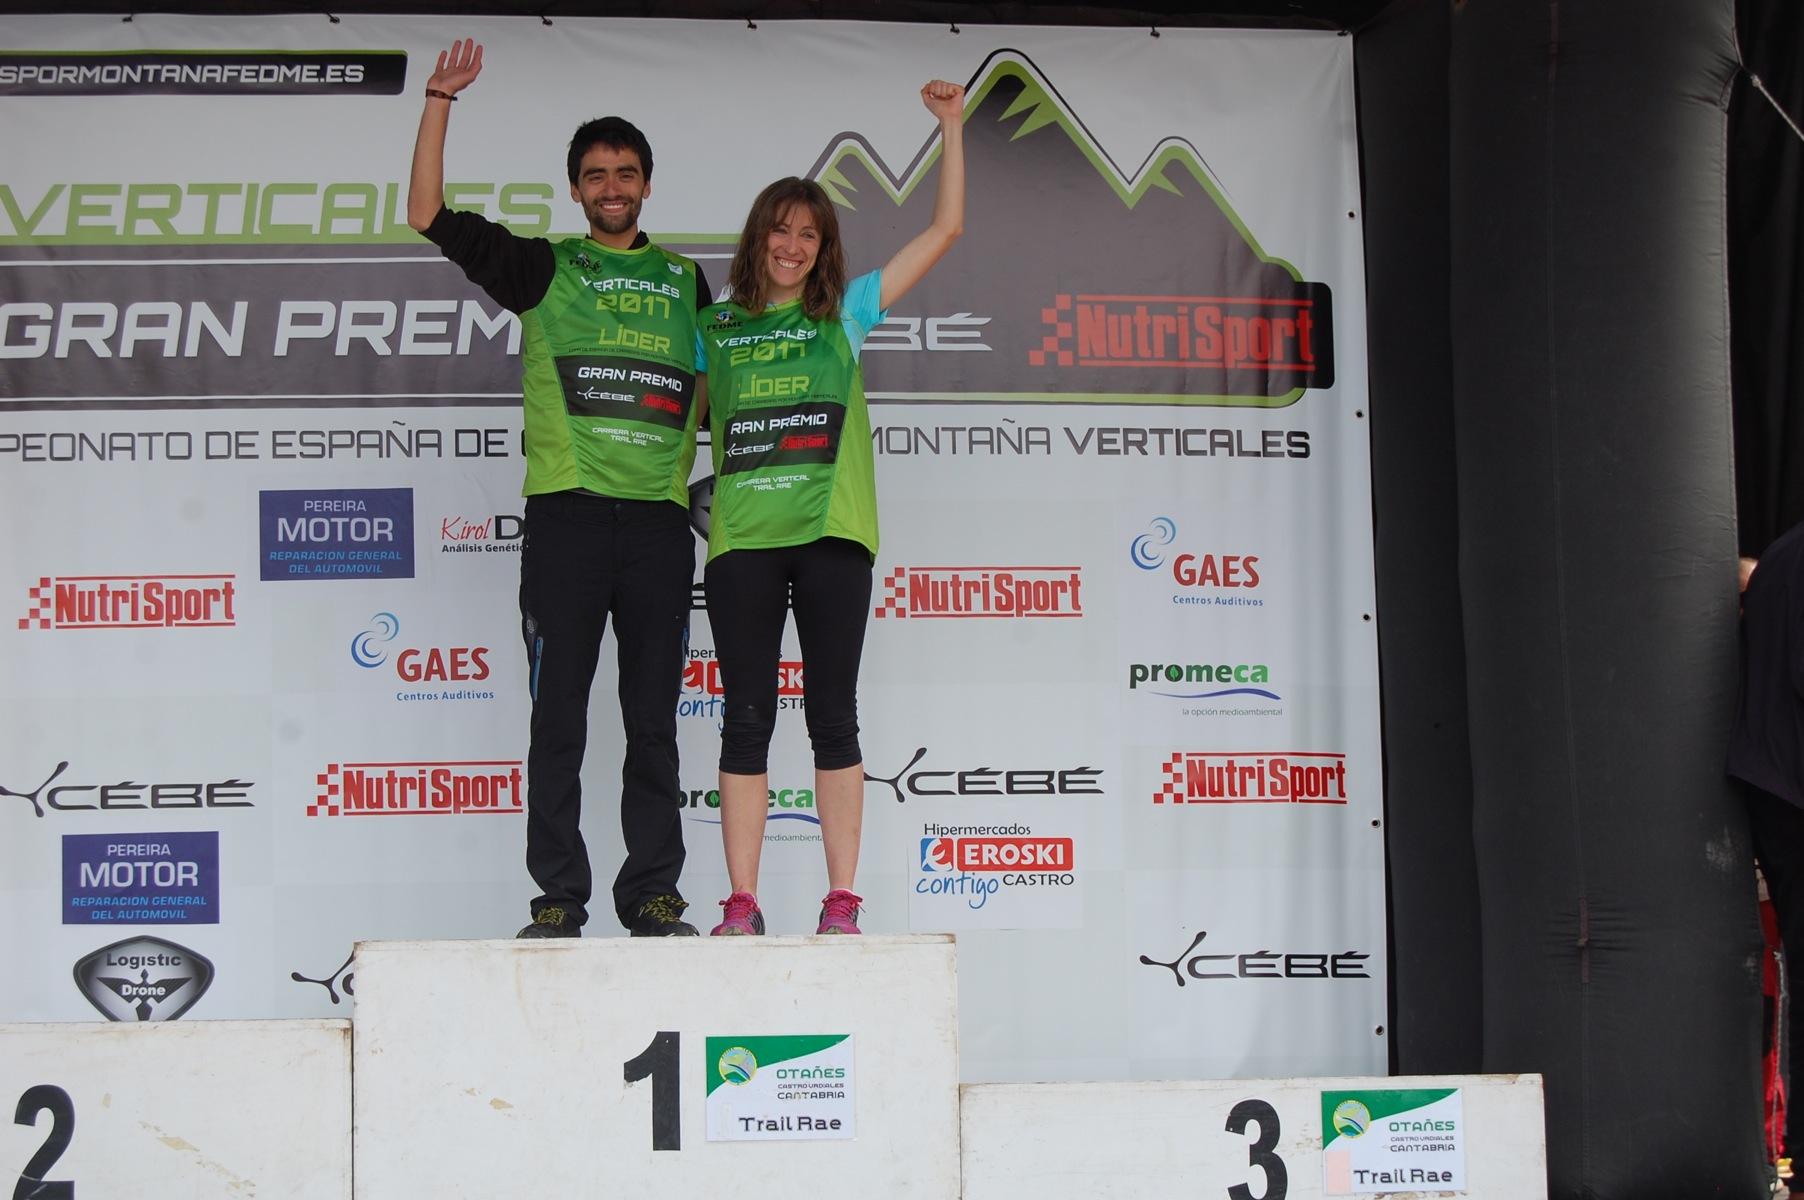 Joseba Díaz y Virginia Pérez primeros líderes de la Copa de España de Carreras por Montaña Verticales FEDME - GP Cébé Nutrisport tras vencer en el CV-